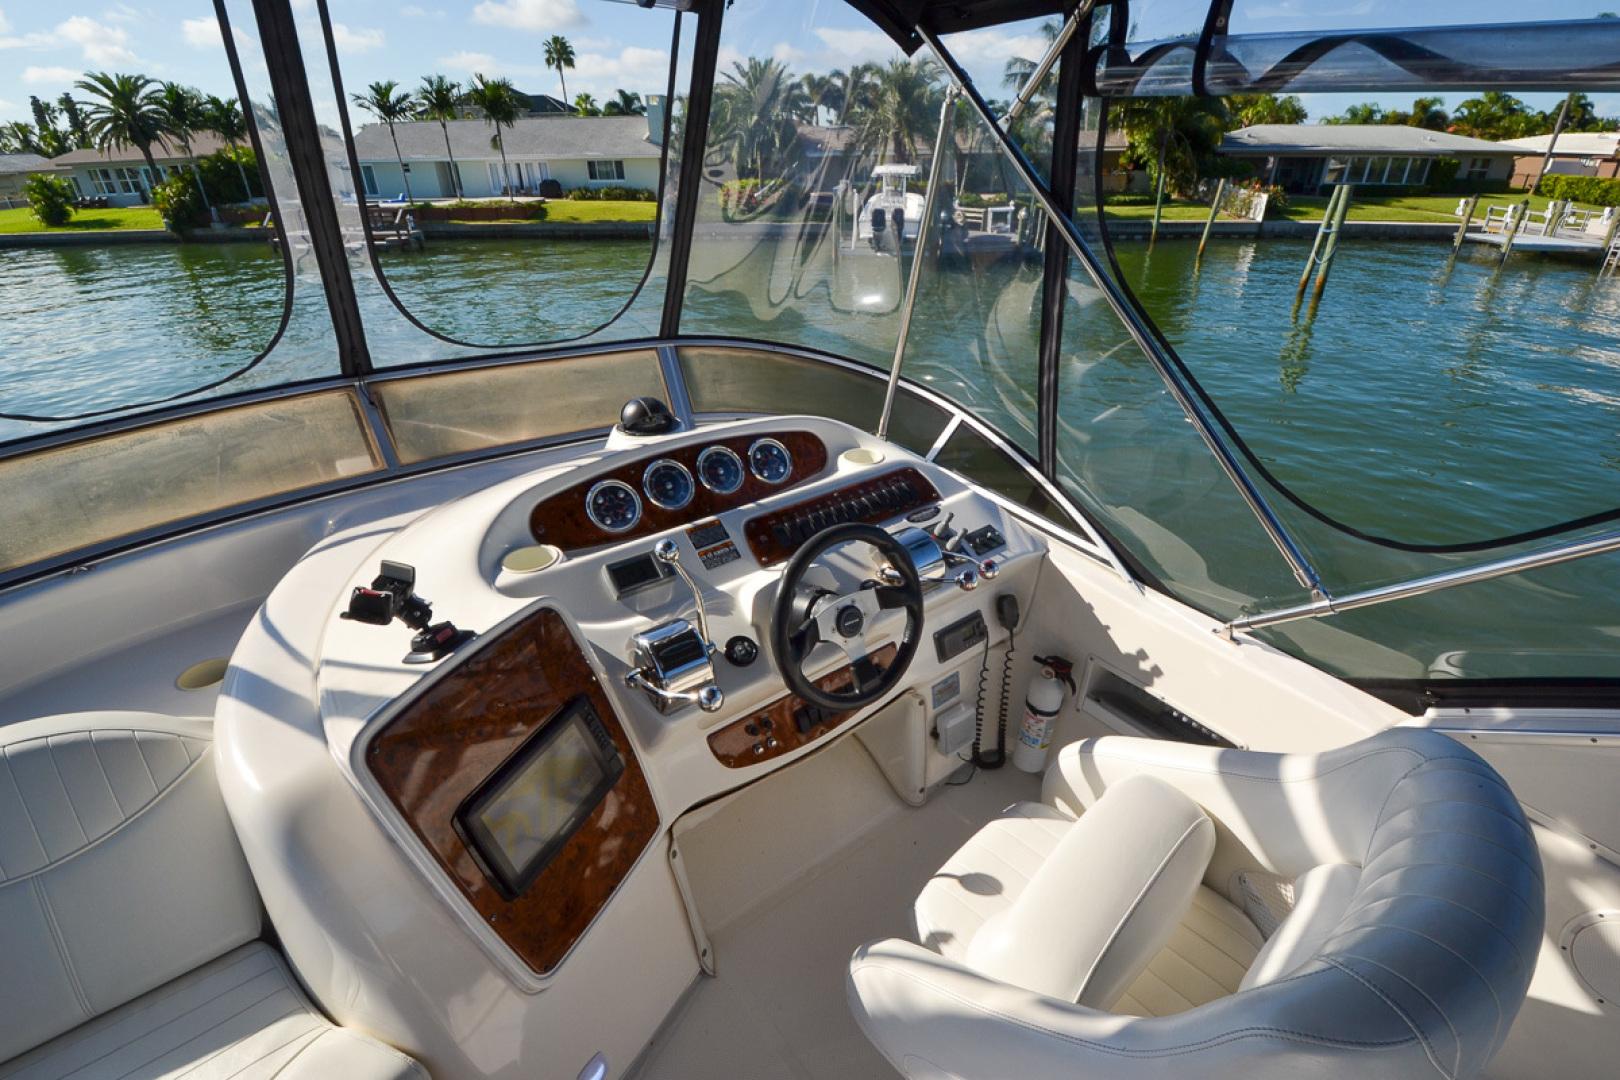 Meridian-341 Sedan 2004-Sea Harmony Belleair Beach-Florida-United States-1496623 | Thumbnail